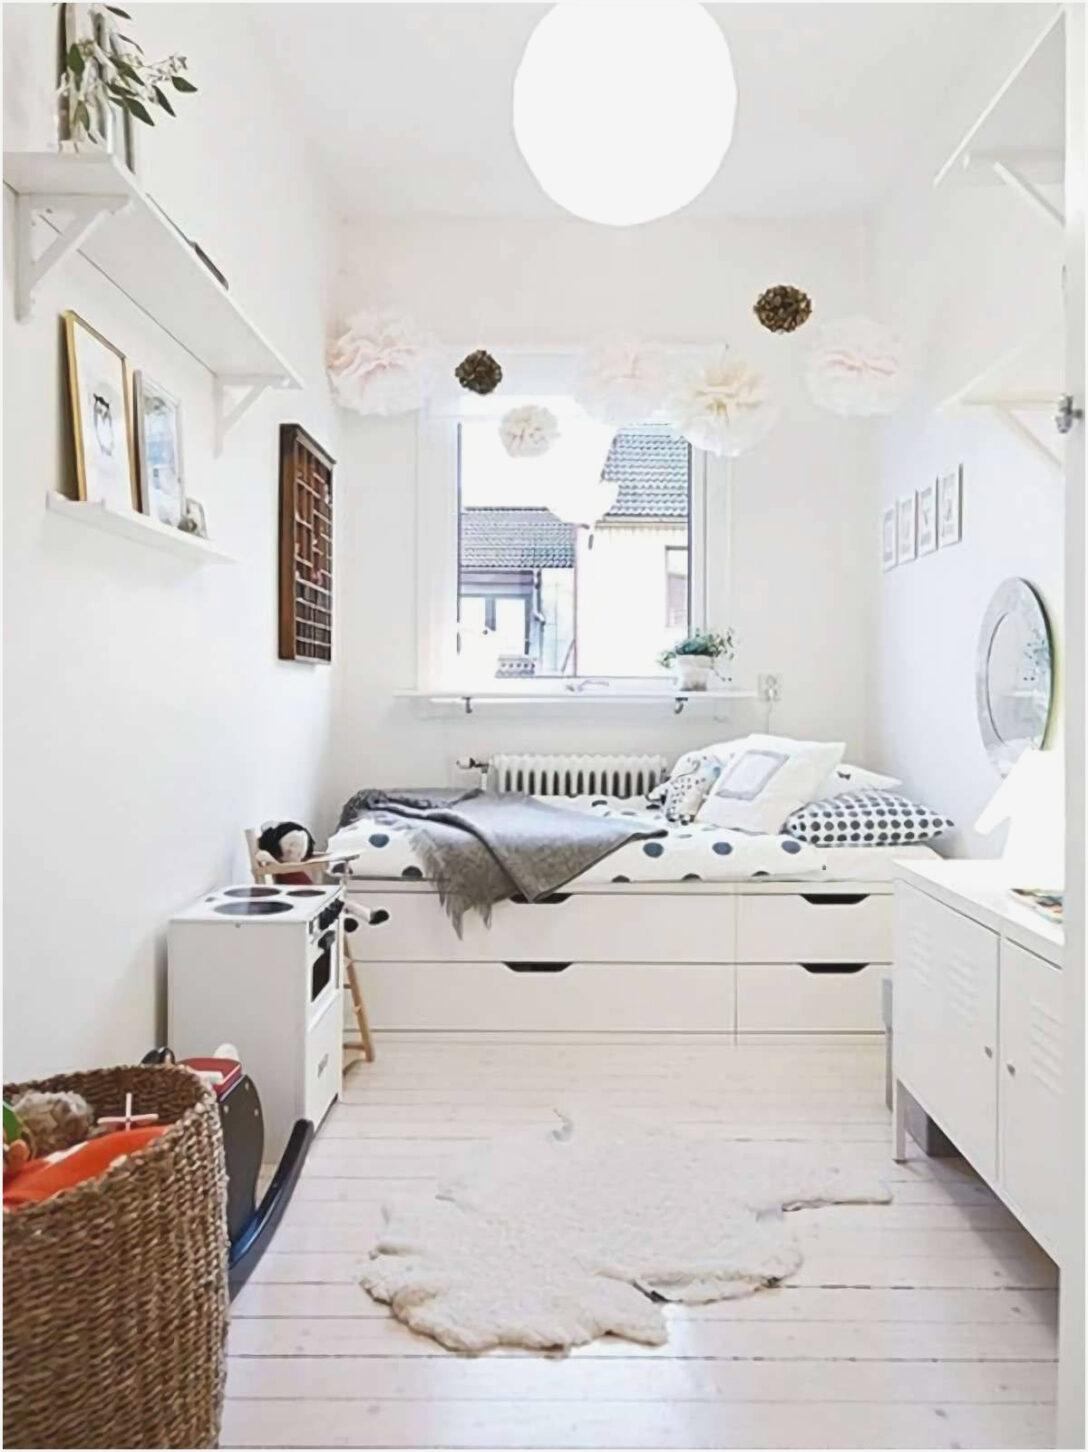 Large Size of Ikea Dachschrgenschrank Schlafzimmer Traumhaus Bett Im Schrank Eckunterschrank Küche Bad Miniküche Mit Kühlschrank Badezimmer Spiegelschrank Beleuchtung Wohnzimmer Dachschräge Schrank Ikea